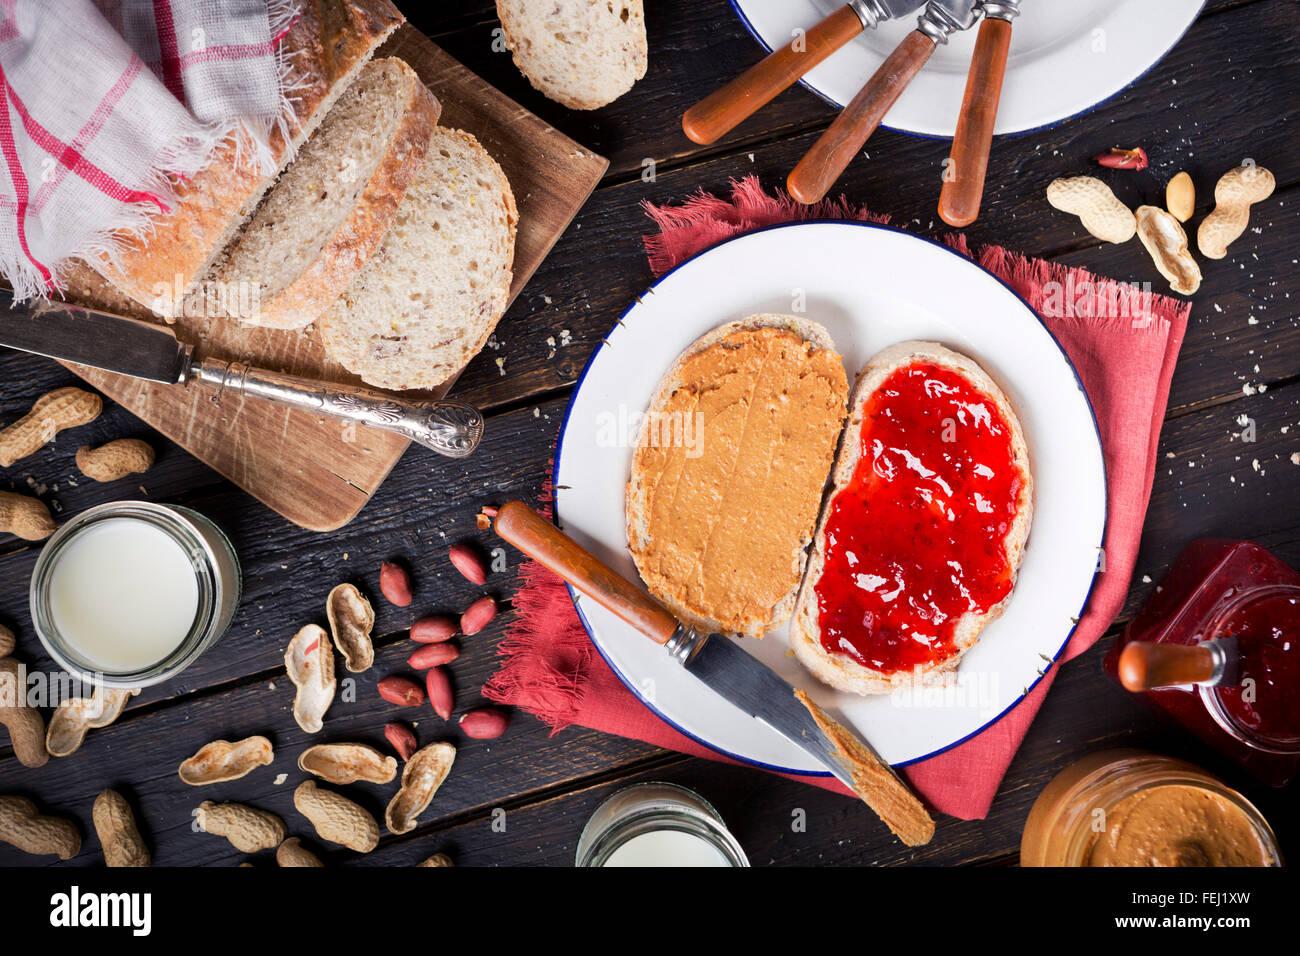 Burro di arachidi e gelatina panino su un tavolo rustico. Fotografato direttamente dall'alto. Immagini Stock